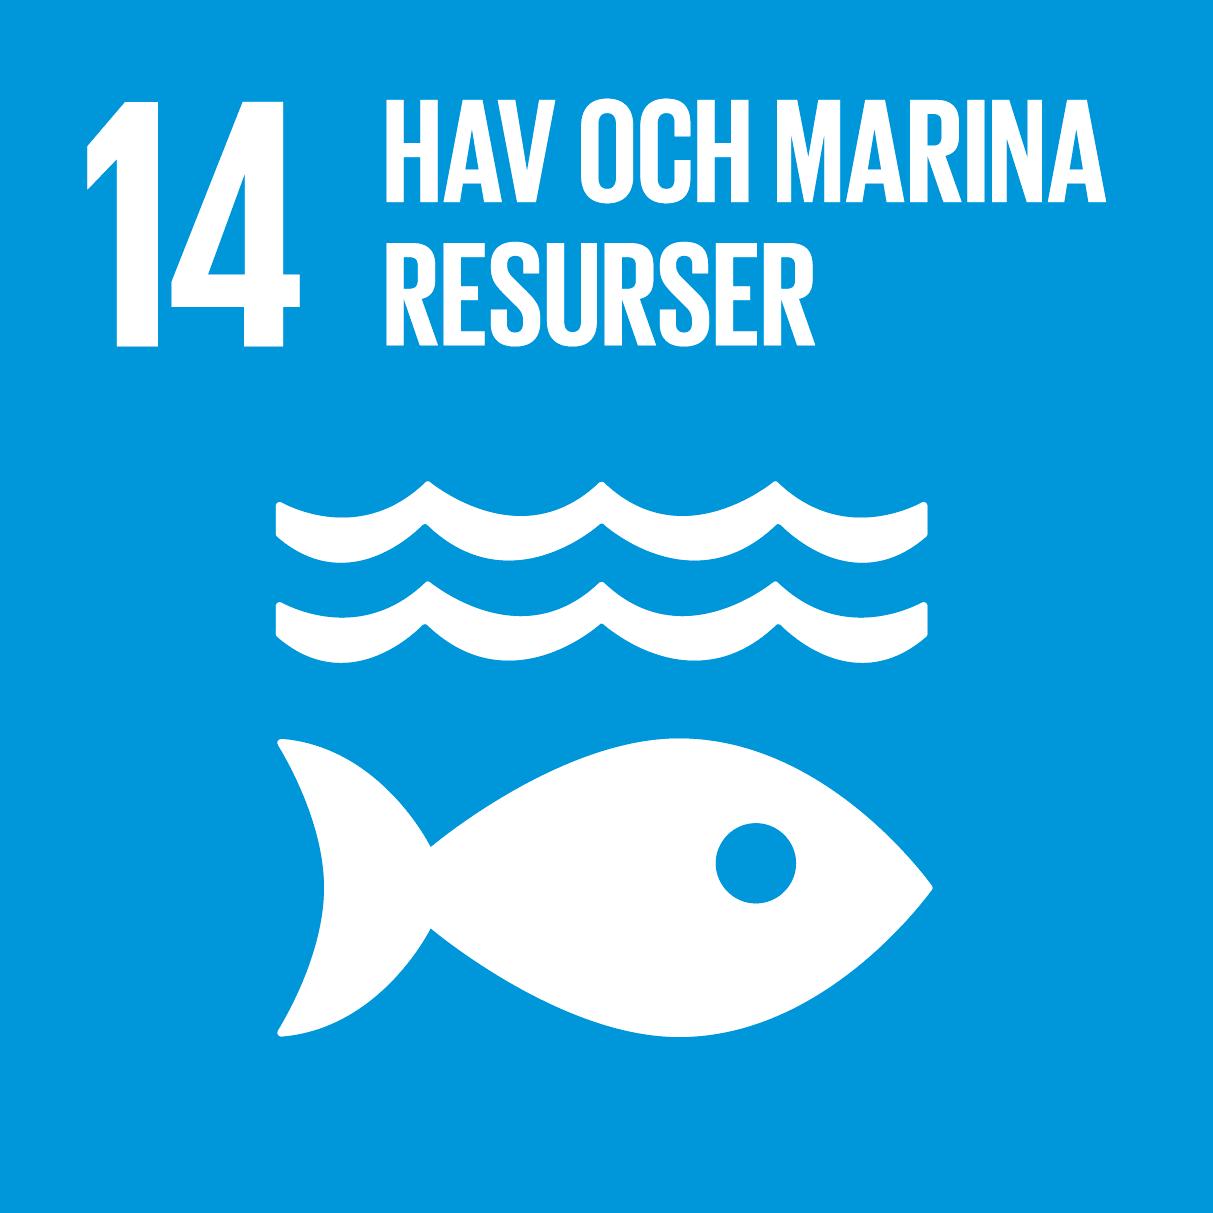 14_hav_och_marina_resurser